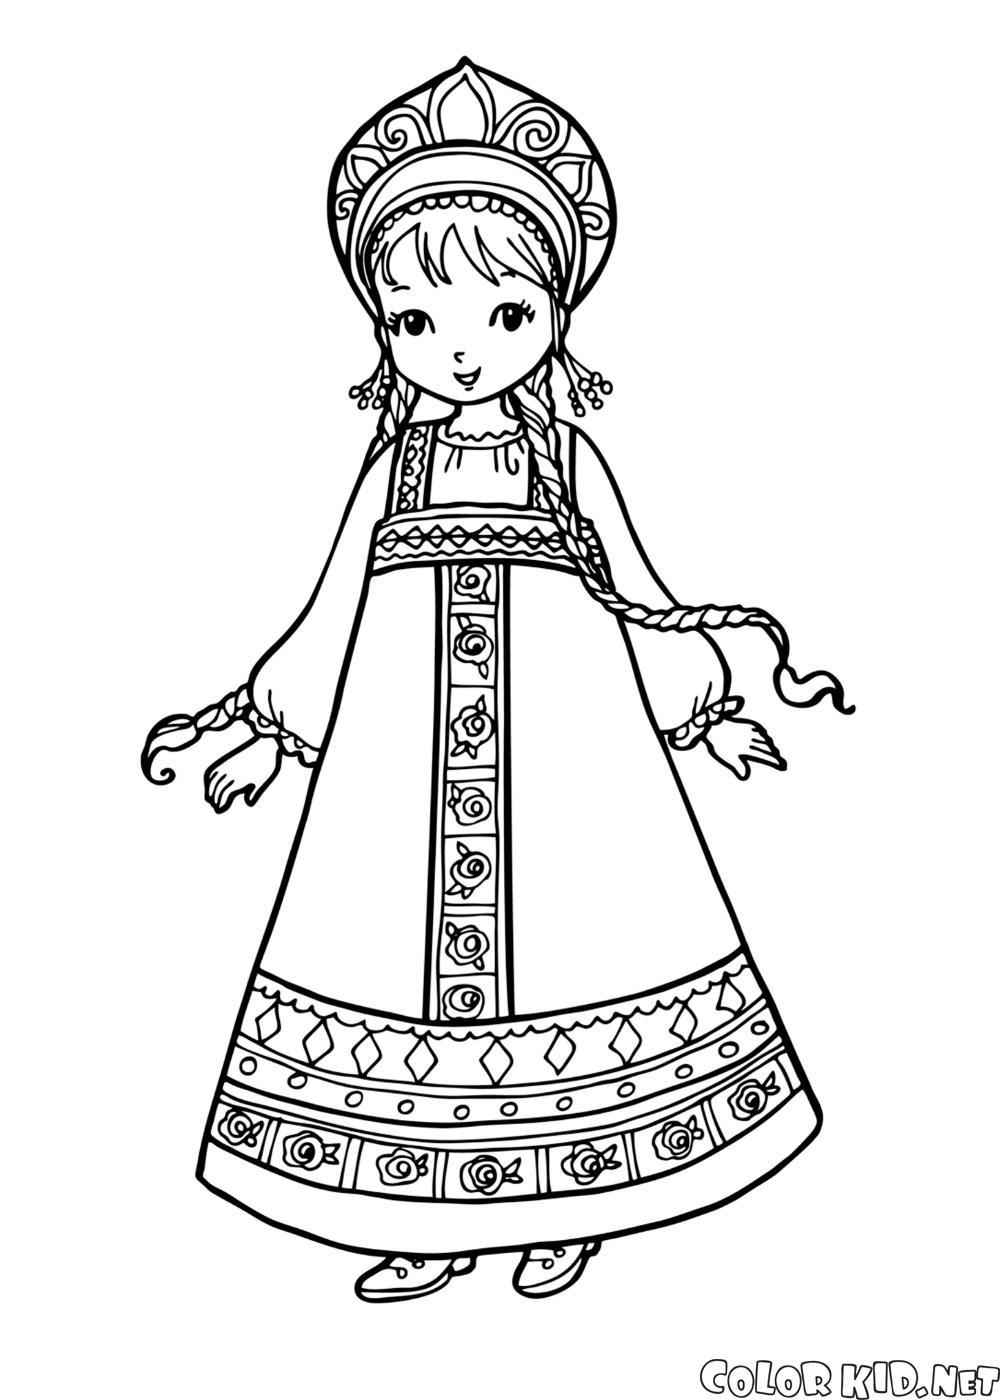 Девочка в национальном костюме